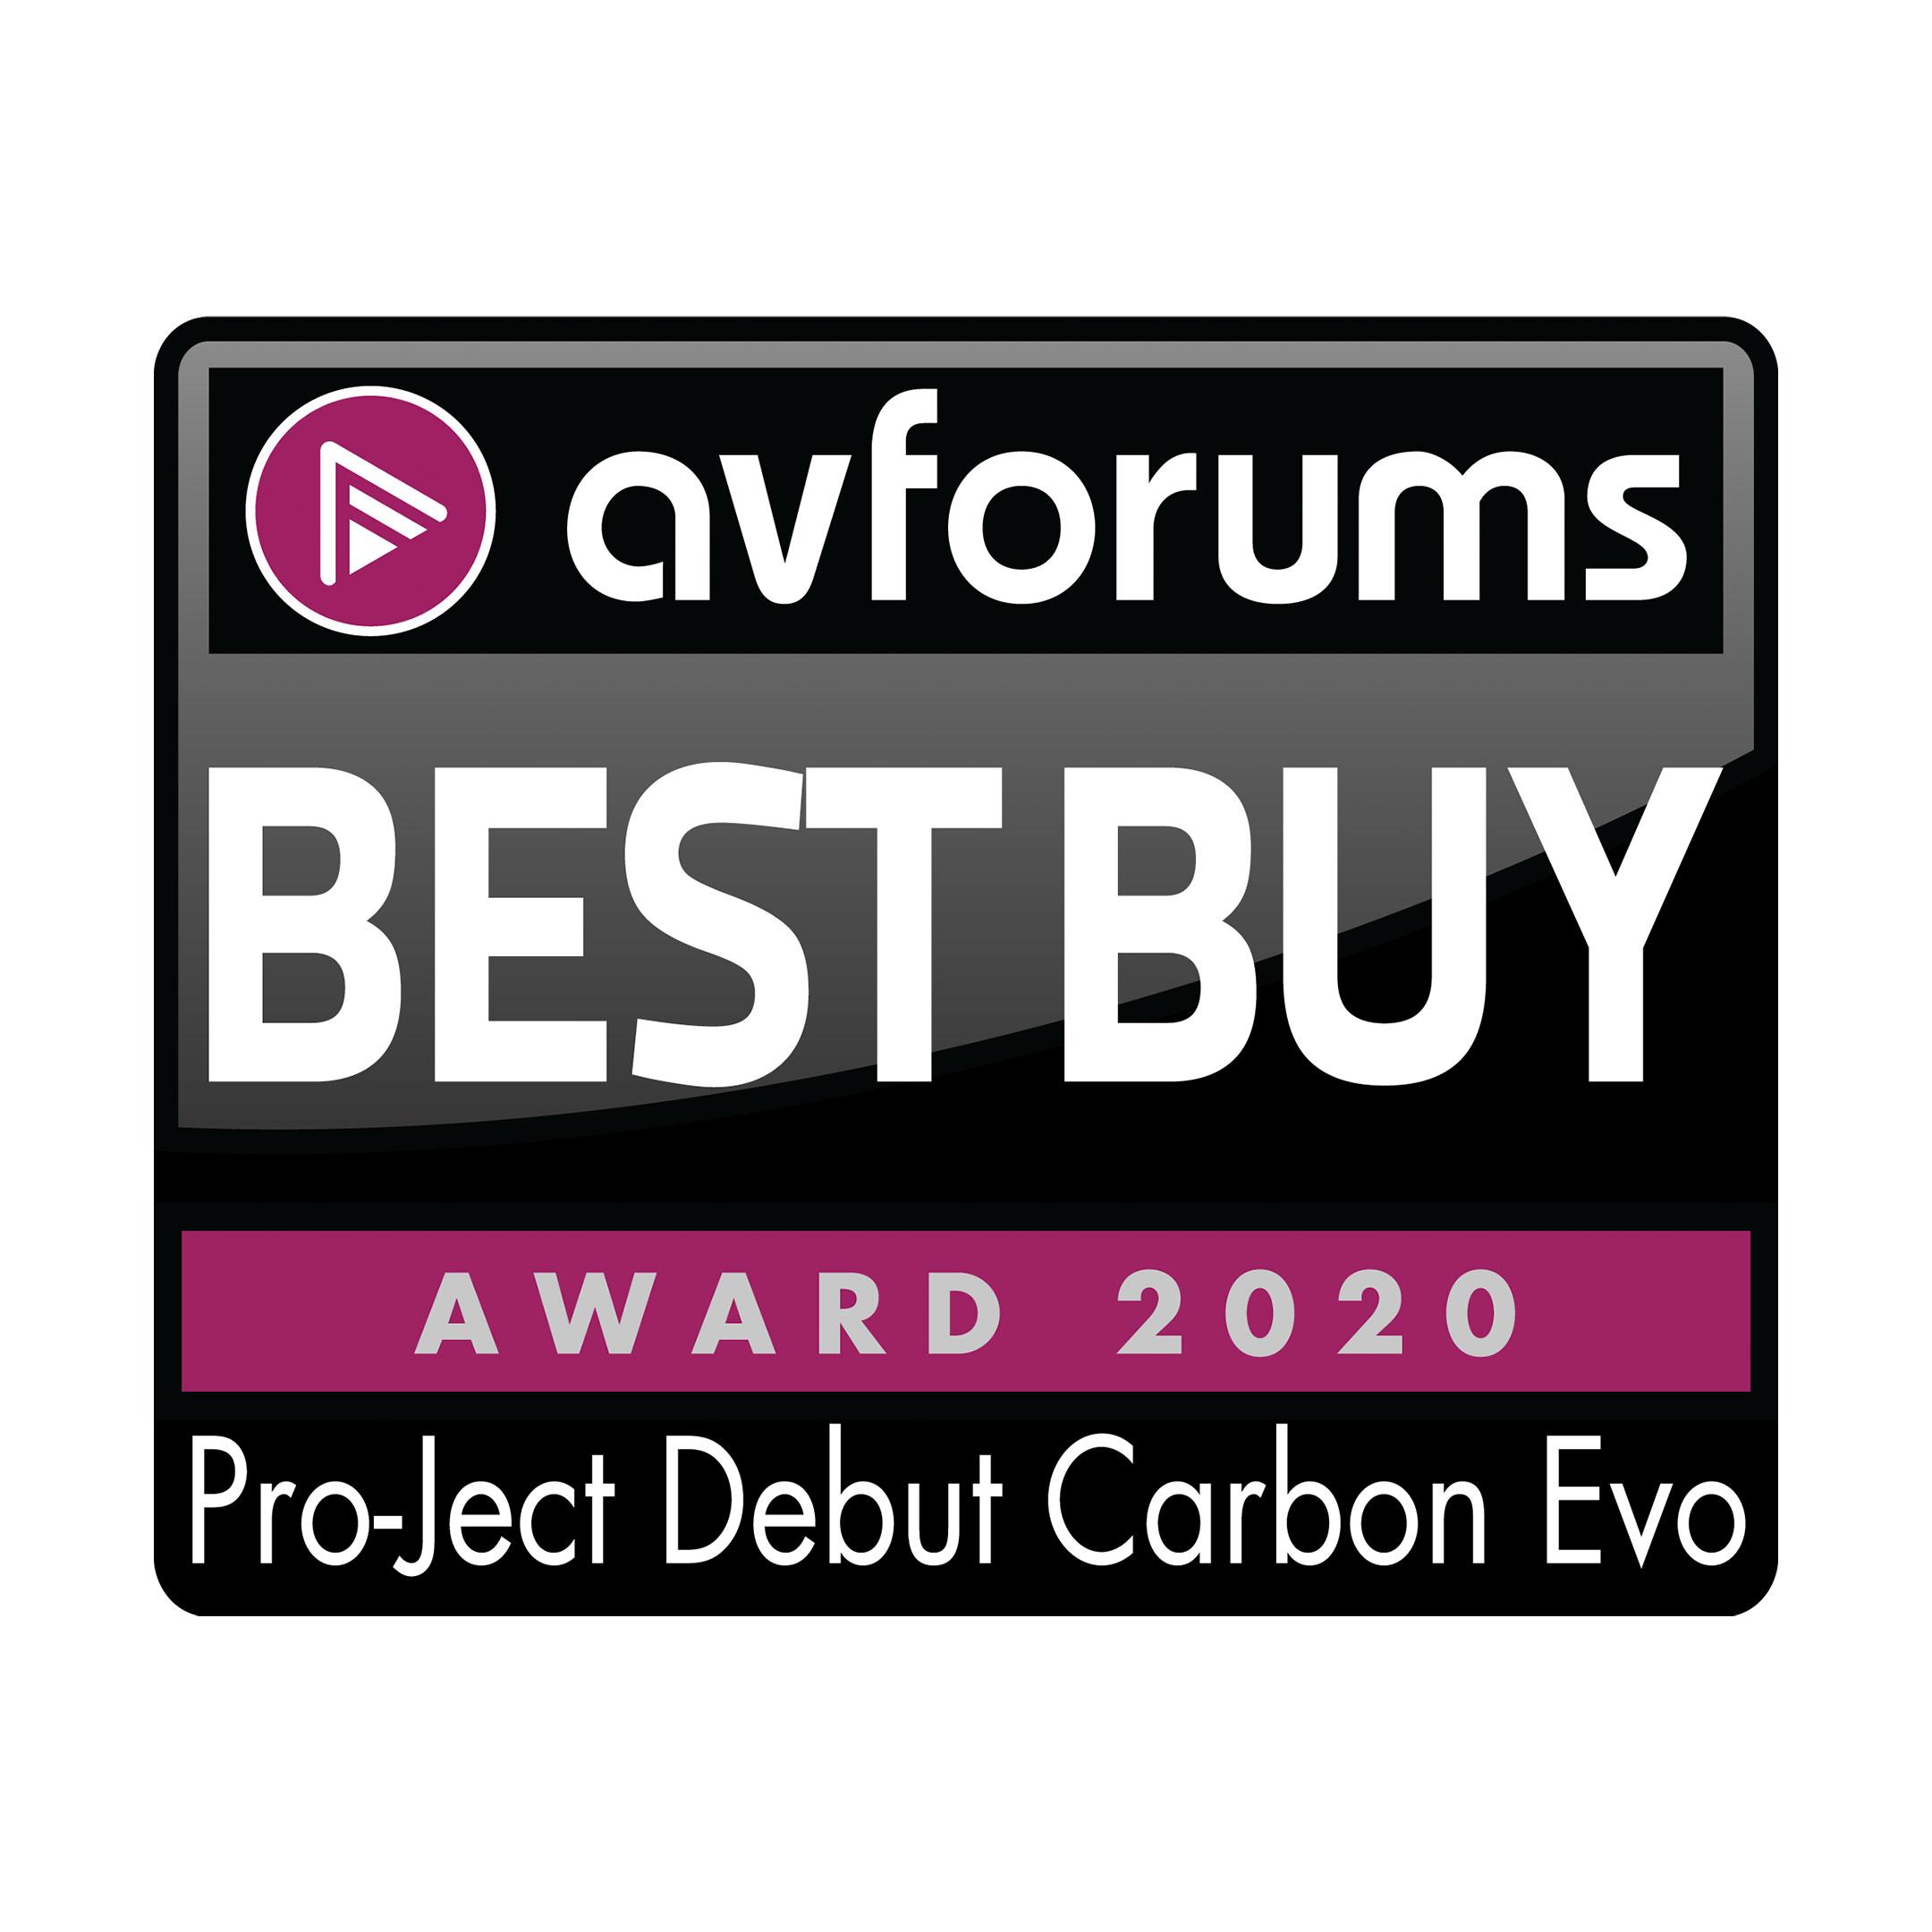 Pro-Ject Debut Carbon Evo, AvForums, Nov 2020